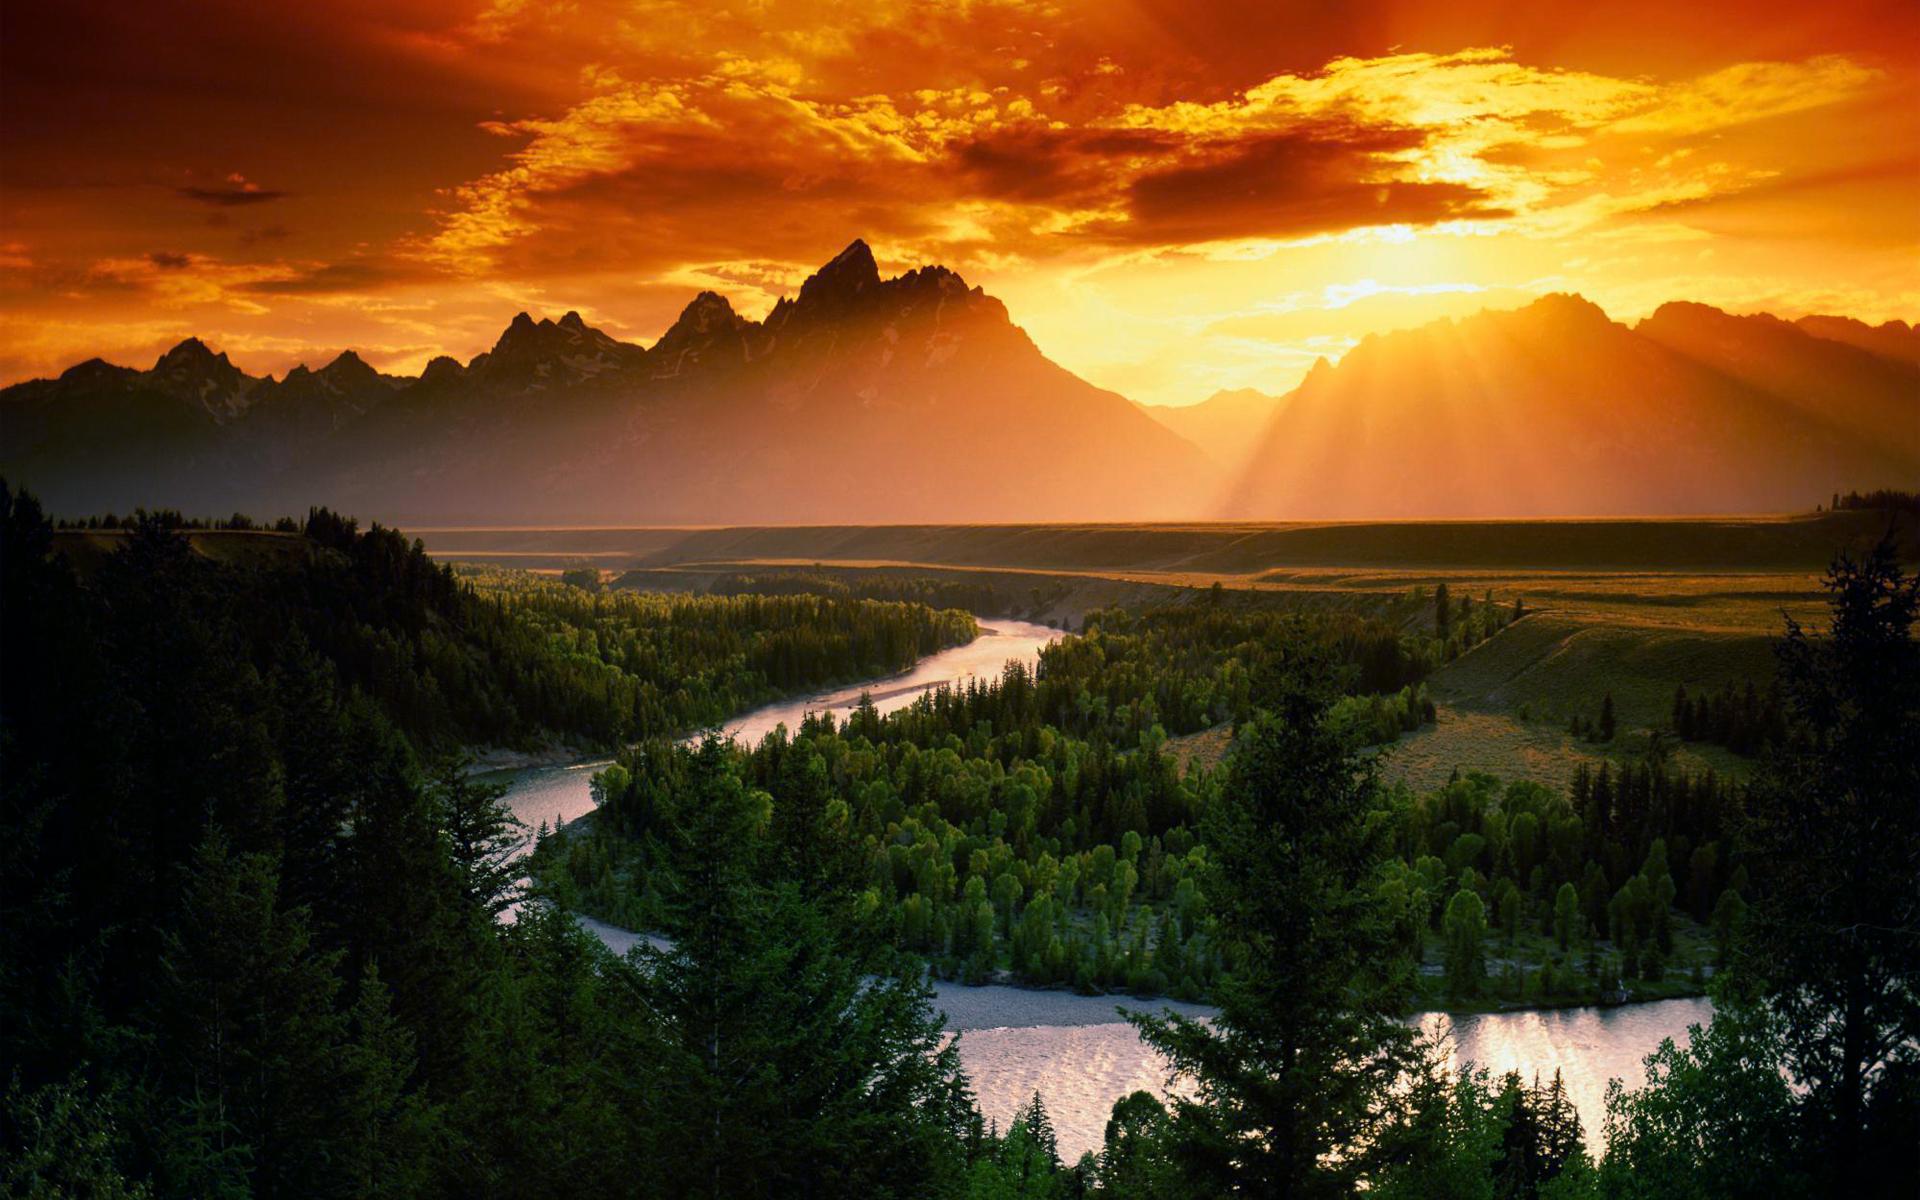 http://cdn.oboi7.com/0659e144460b5e09f0ef64ce4035330d04413881/zakat-gory-oblaka-pejzazhi-solnce-lesa-reki-nebo.jpg